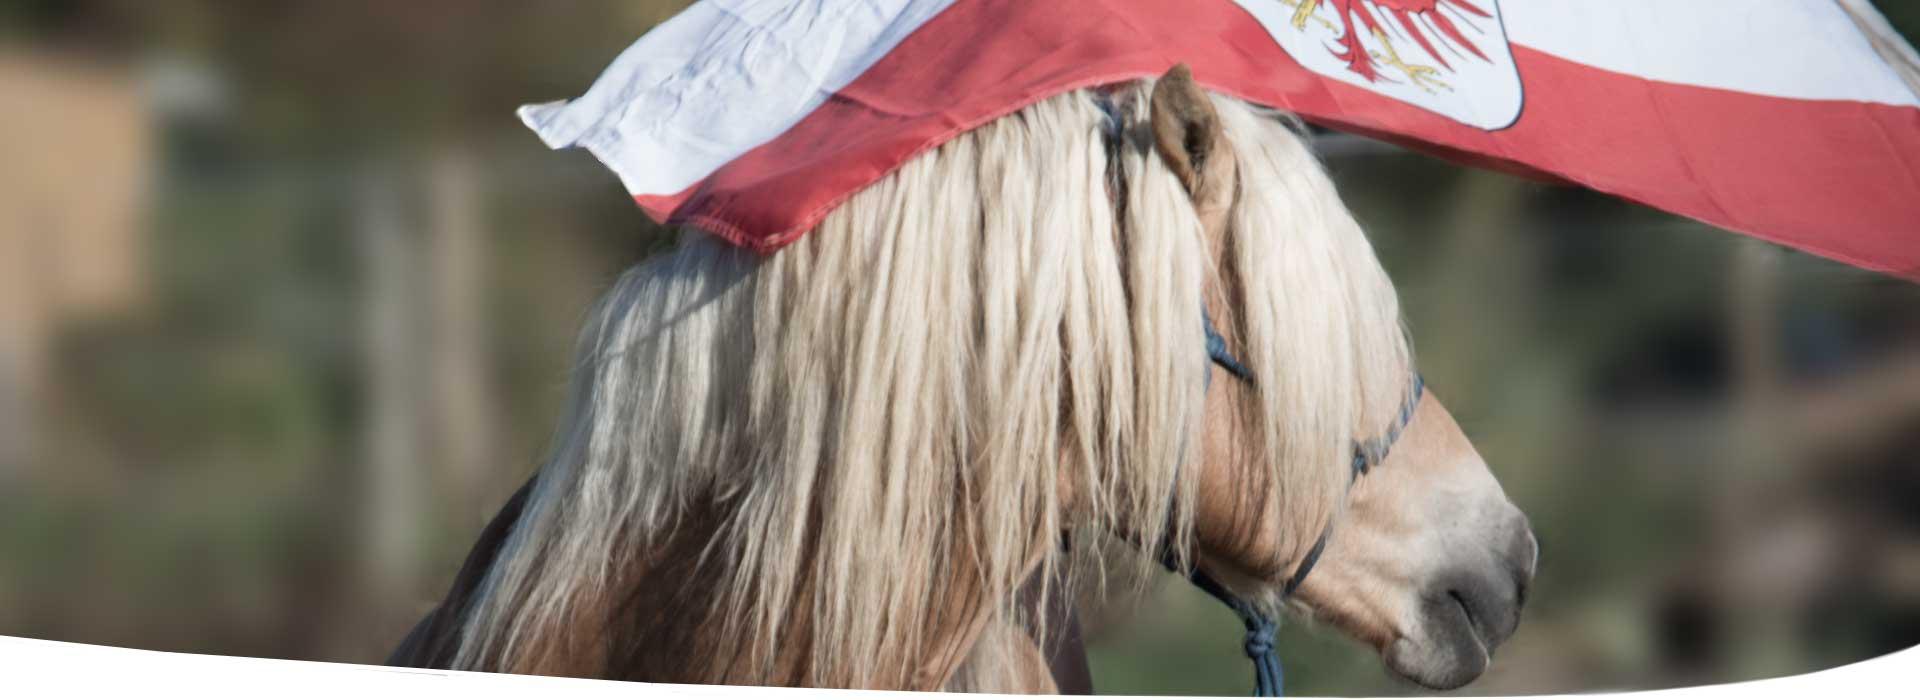 Pferdetraining-Erfolge-Bodenarbeit